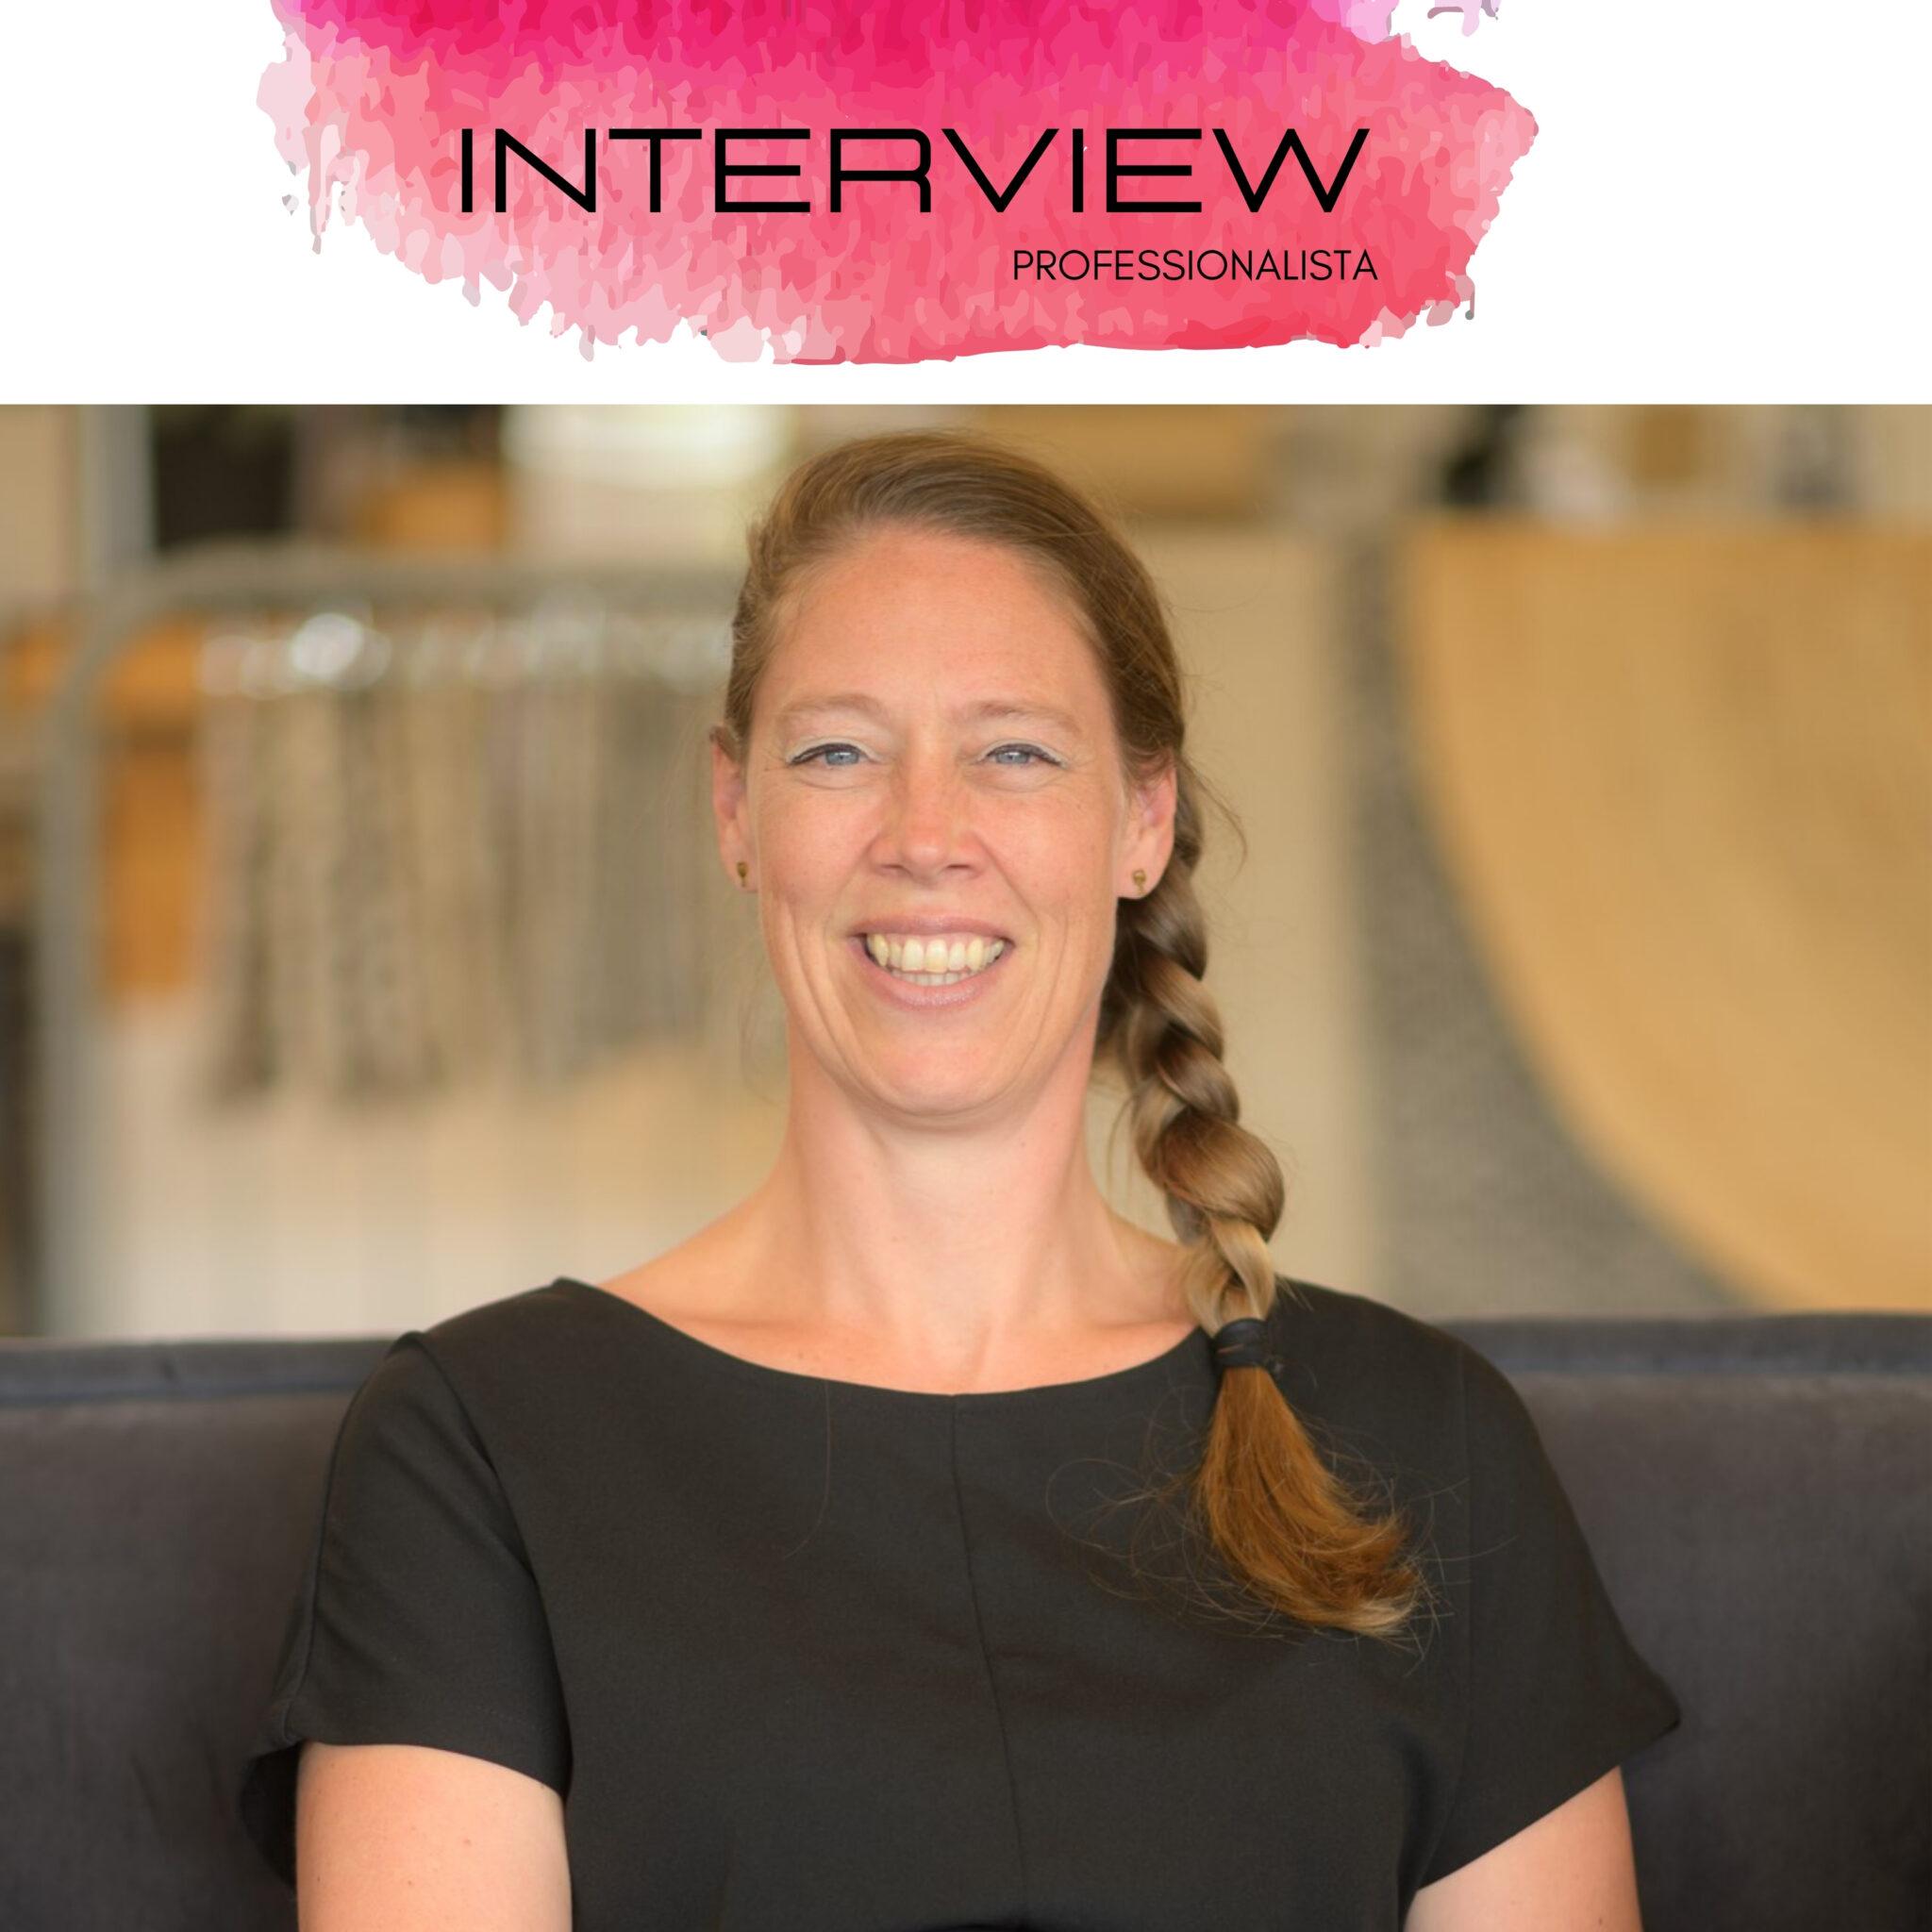 Interview Professionalista Margret Weijers